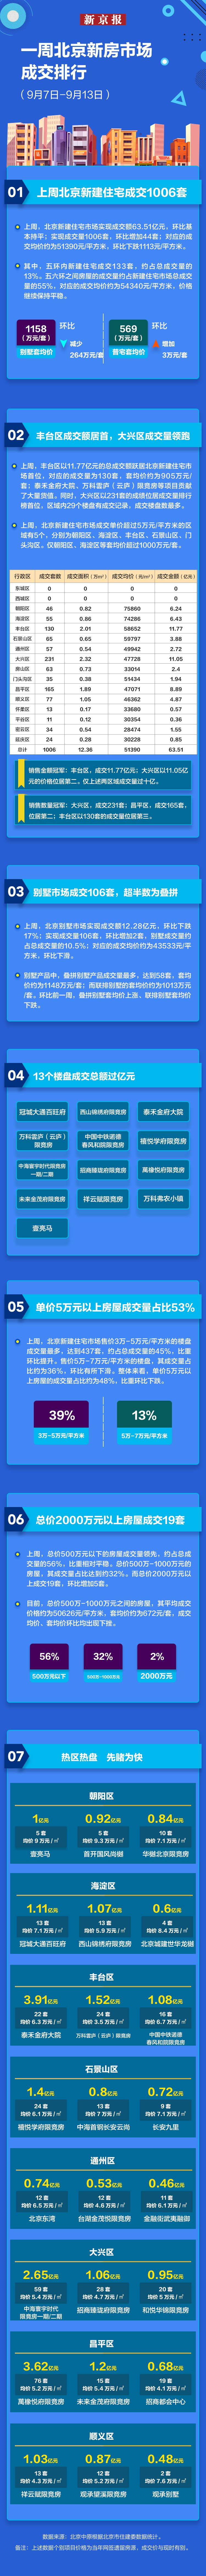 """""""金九""""第二周北京新建住宅成交量再破千,哪些楼盘抢收过亿?图片"""